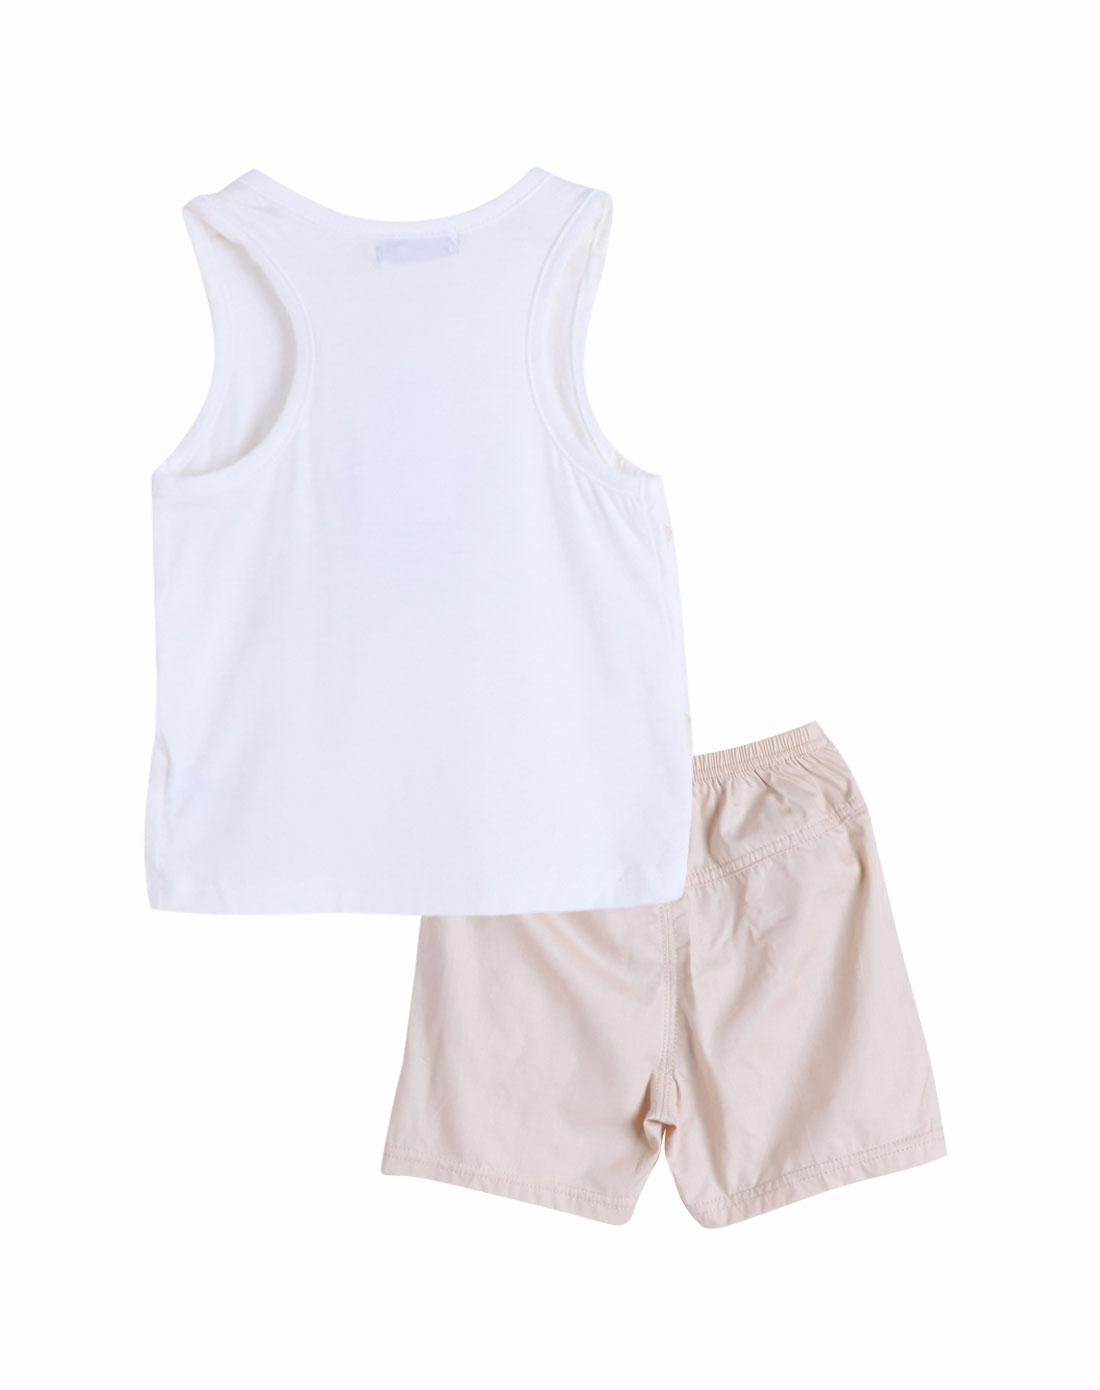 小素材&小富兰克婴儿服饰用品小素材白色动感旋律单面